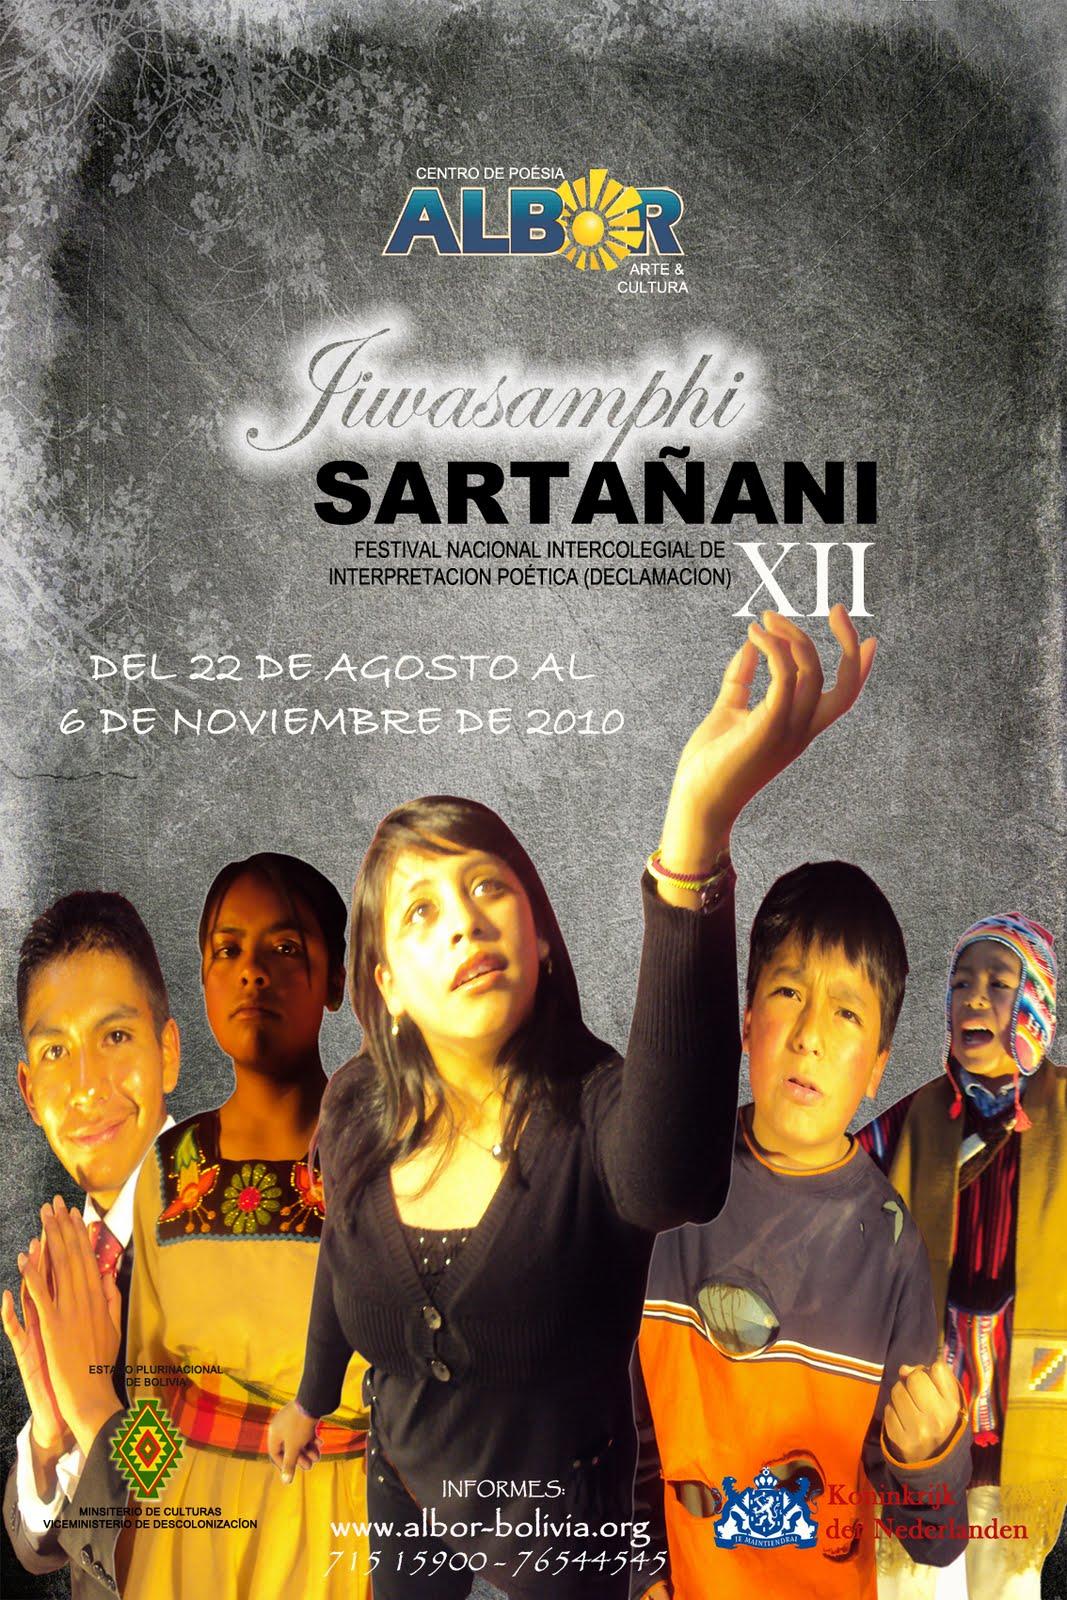 Jiwasamphi Satañani